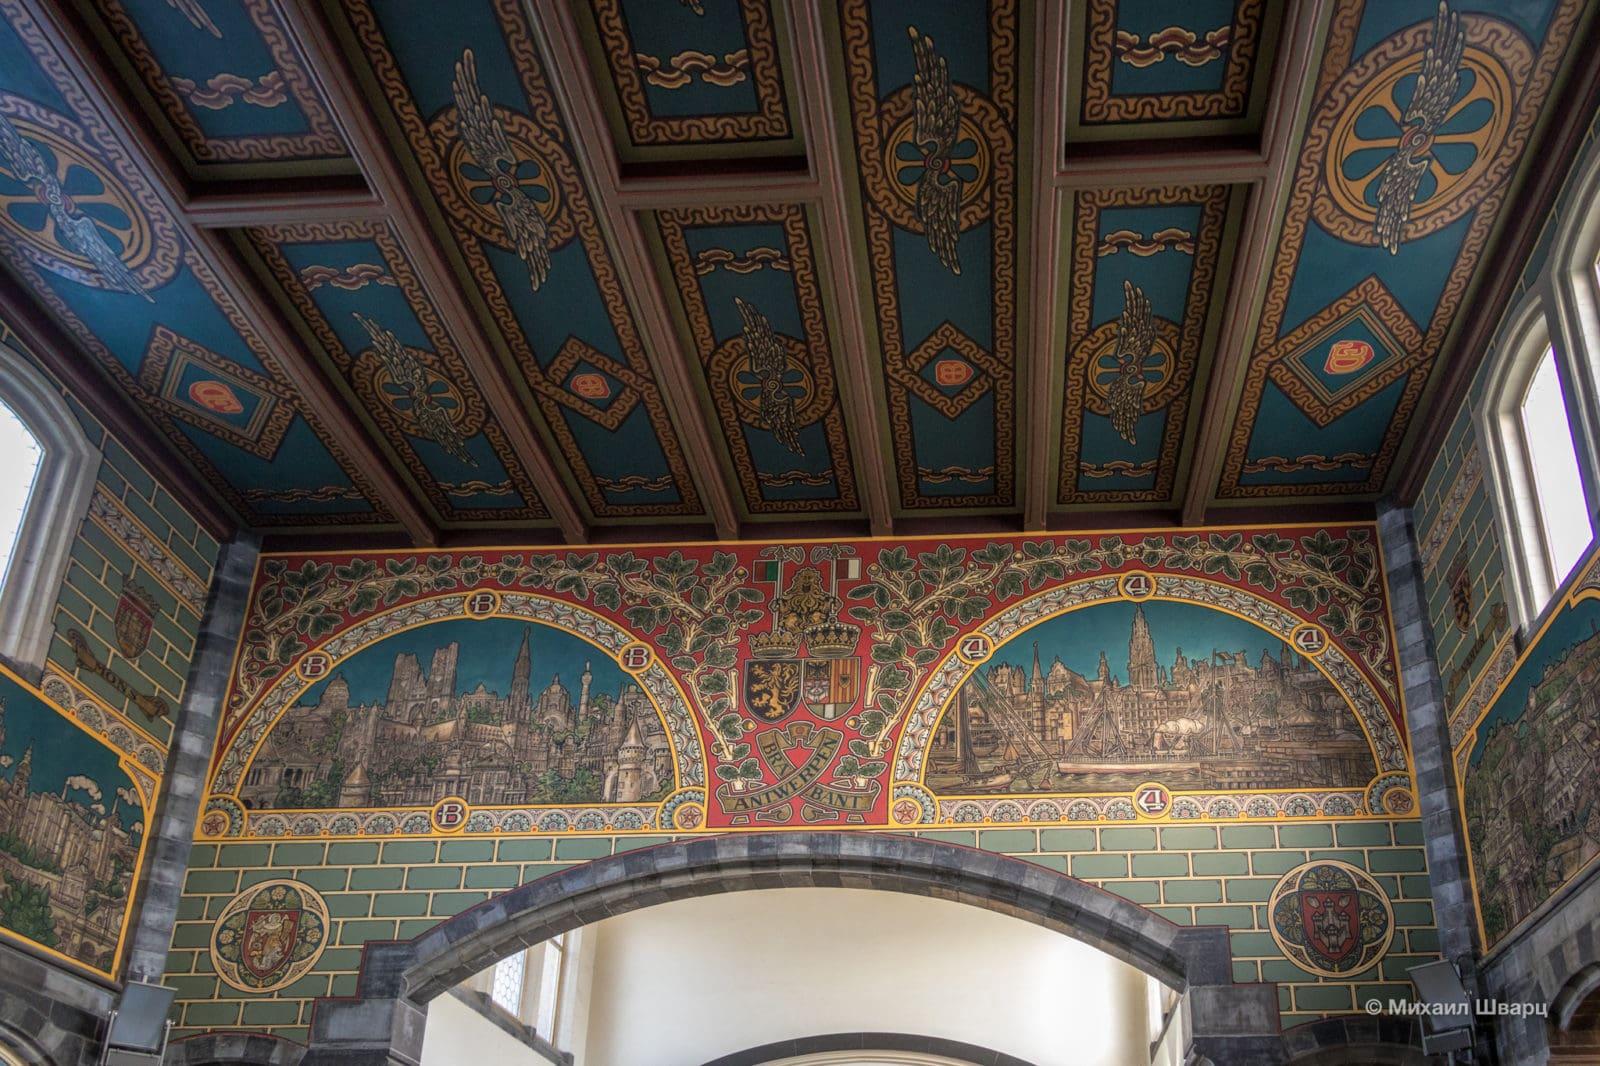 Росписи на стенах и потолке